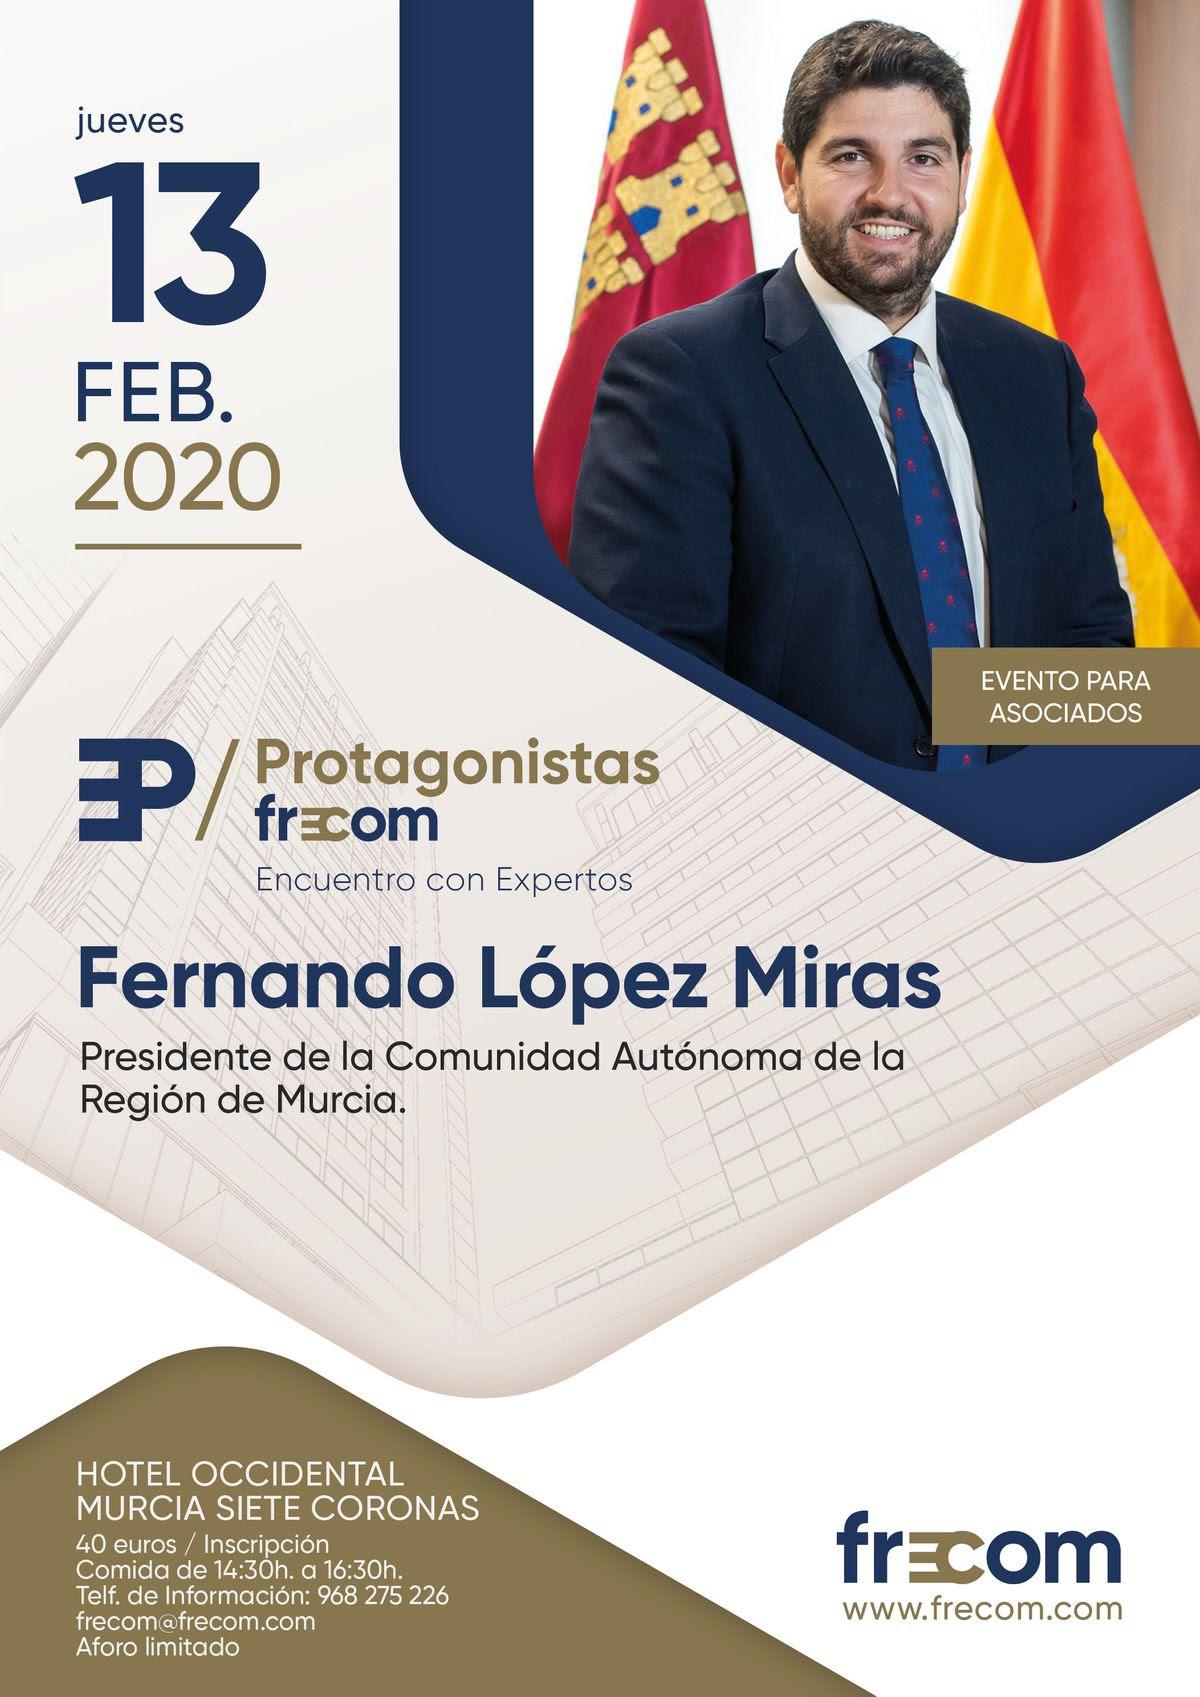 El presidente de la Comunidad Autónoma, Fernando López Miras, próximo 'Protagonistas FRECOM' 8 FRECOM